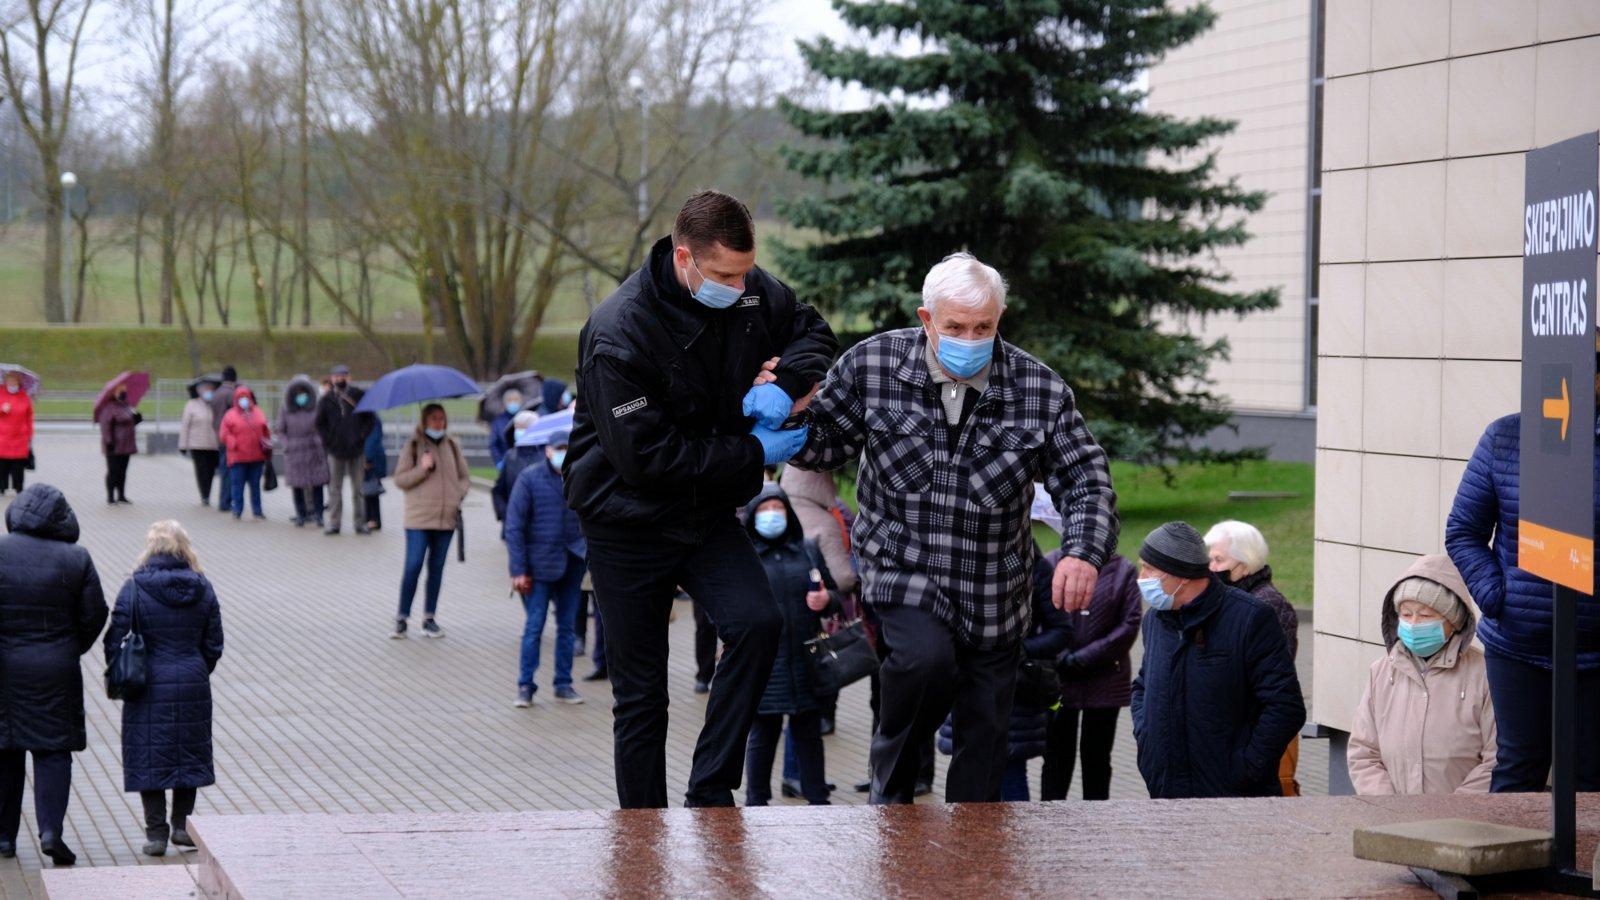 Blogas oras Alytaus senjorų neatbaidė – iš pat ryto paskiepyta beveik 300 žmonių